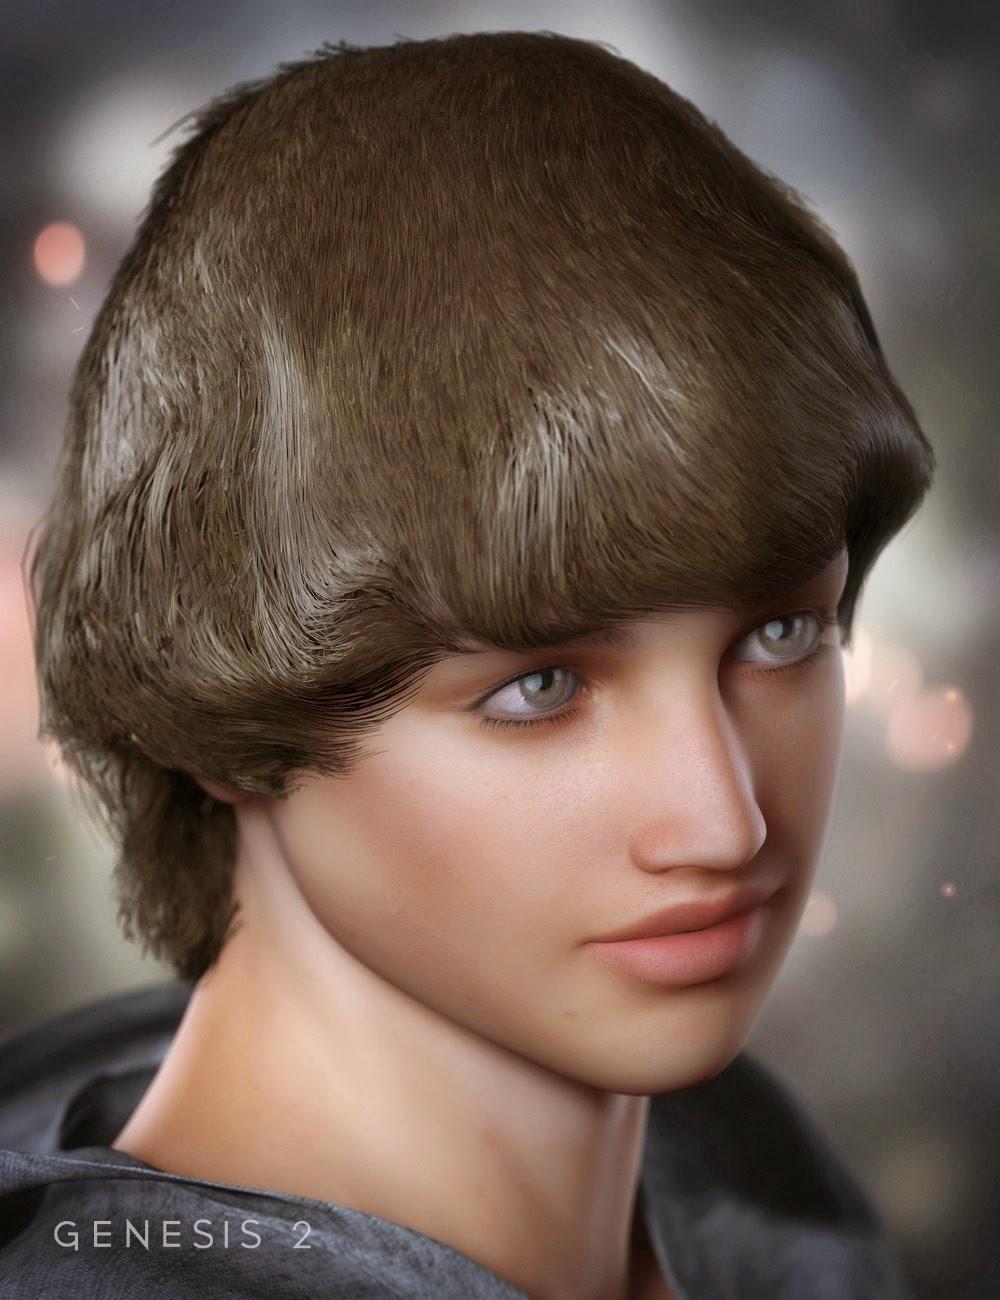 Andrew flip cheveux pour Genesis 2 Homme